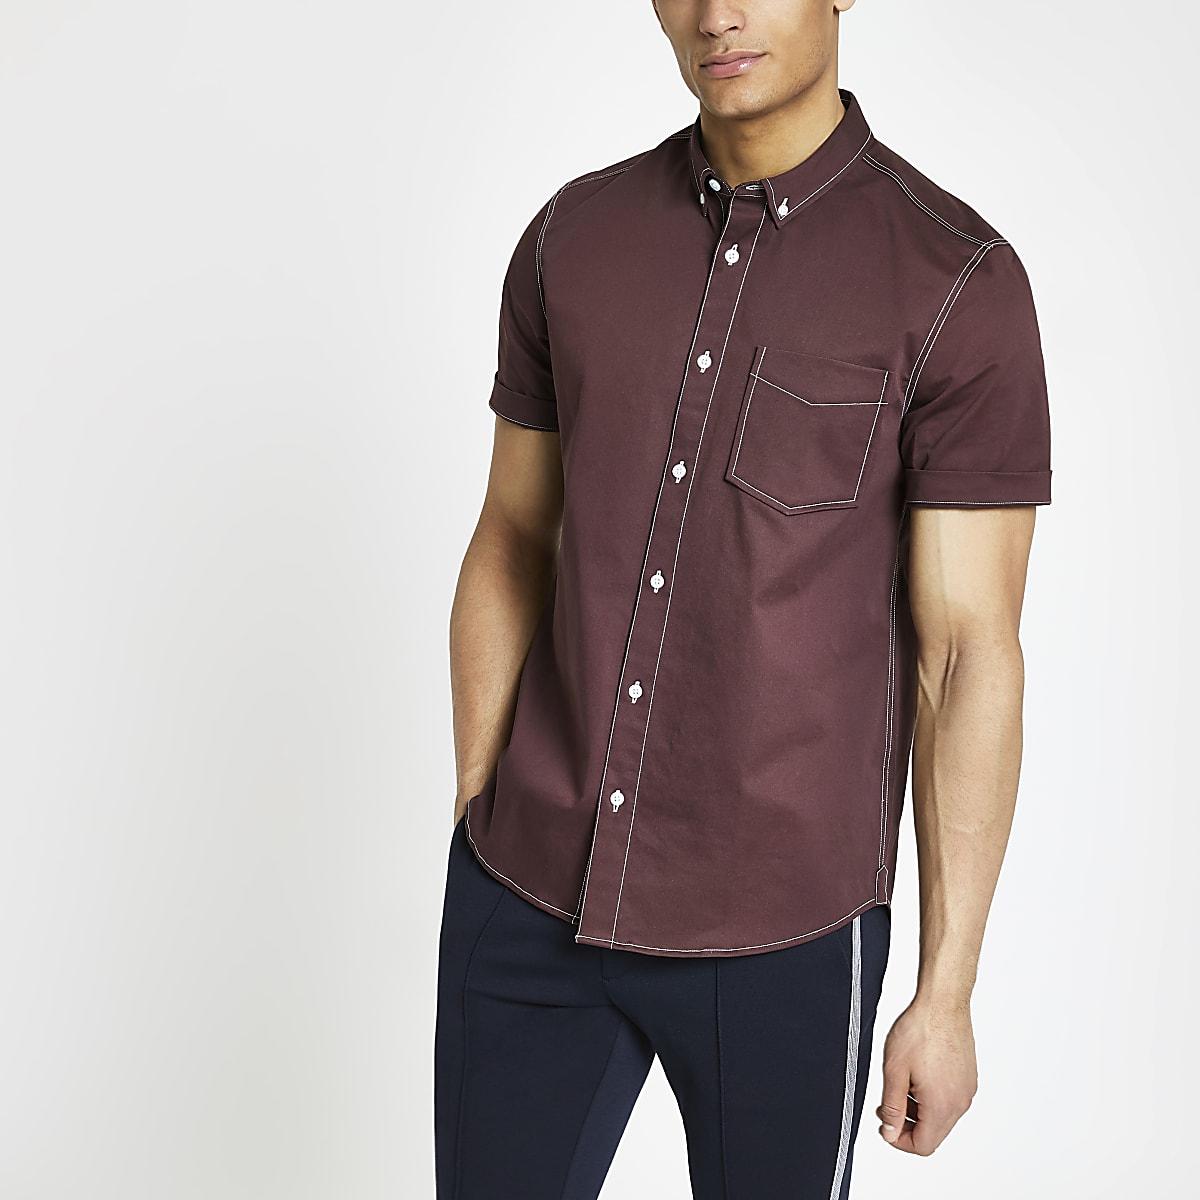 Chemise en sergé bordeaux à surpiqûres et manches courtes